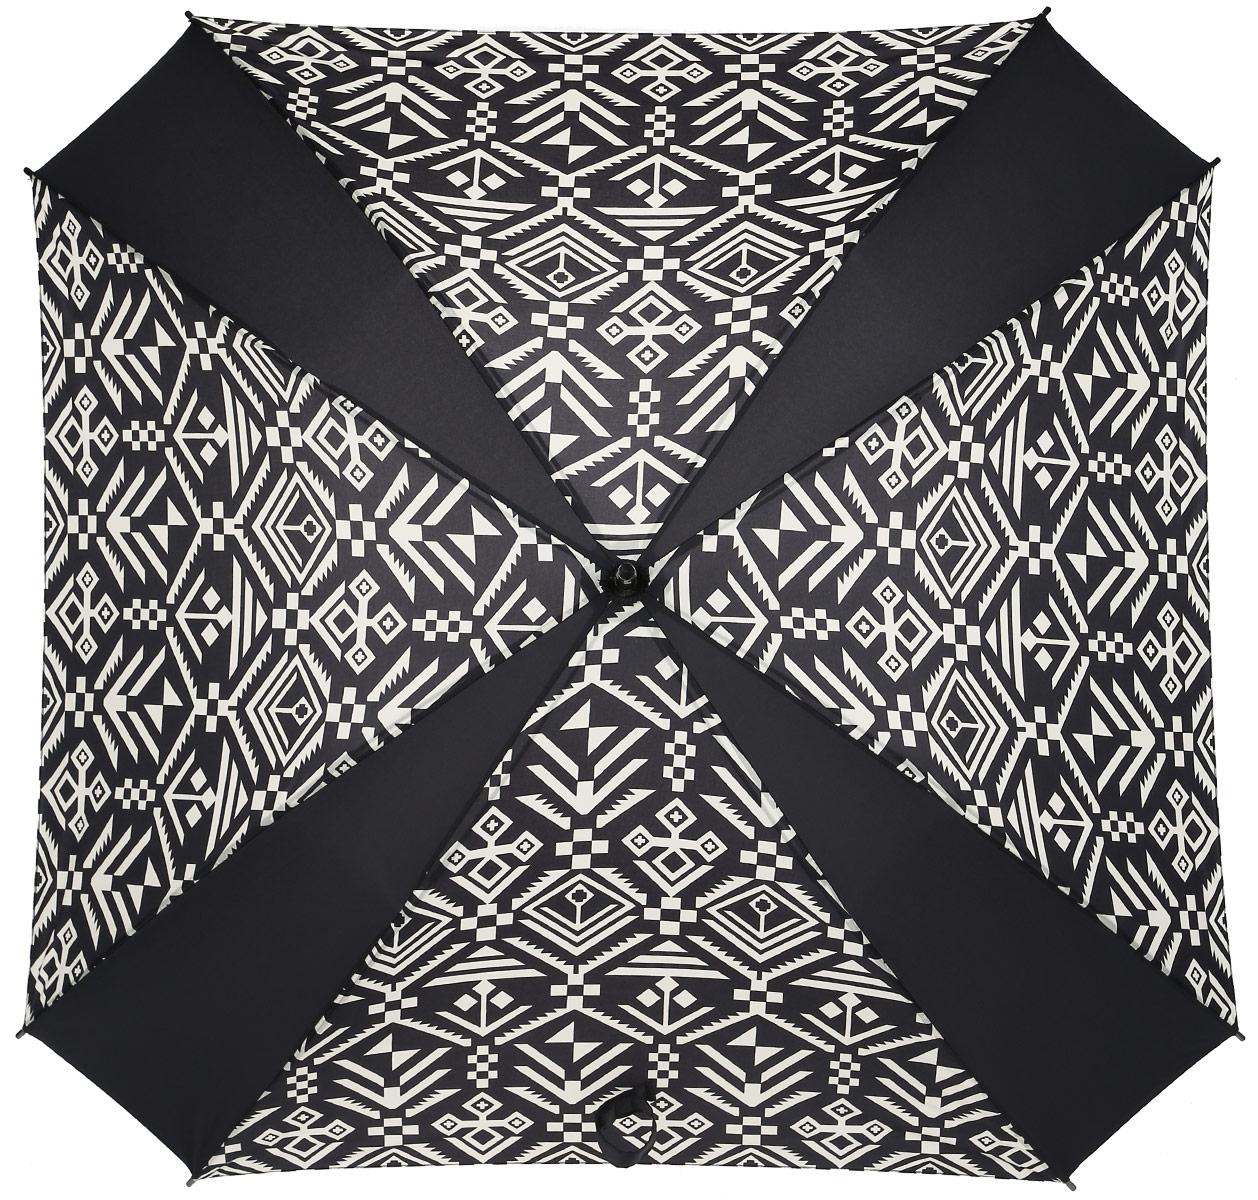 Зонт-трость Reisenthel, цвет: черный, белый. YM7034YM7034Ни снег, ни проливной дождь не страшны, когда с вами ваш надежный друг - красивый зонт-трость. А надежен он благодаря своей инновационной форме в виде октагона - фигуры с 8 углами. У зонта гибкие спицы со специальными пружинами, которые не сломаются. При сильном ветре зонт просто вывернется наизнанку. А вот острый наконечник и ручка, которая позволяет повесить зонт - самые что ни на есть классические, удобные и красивые. Чтобы просушить его, просто оставьте открытым (пожалуйста, не сворачивайте зонт, пока он мокрый).